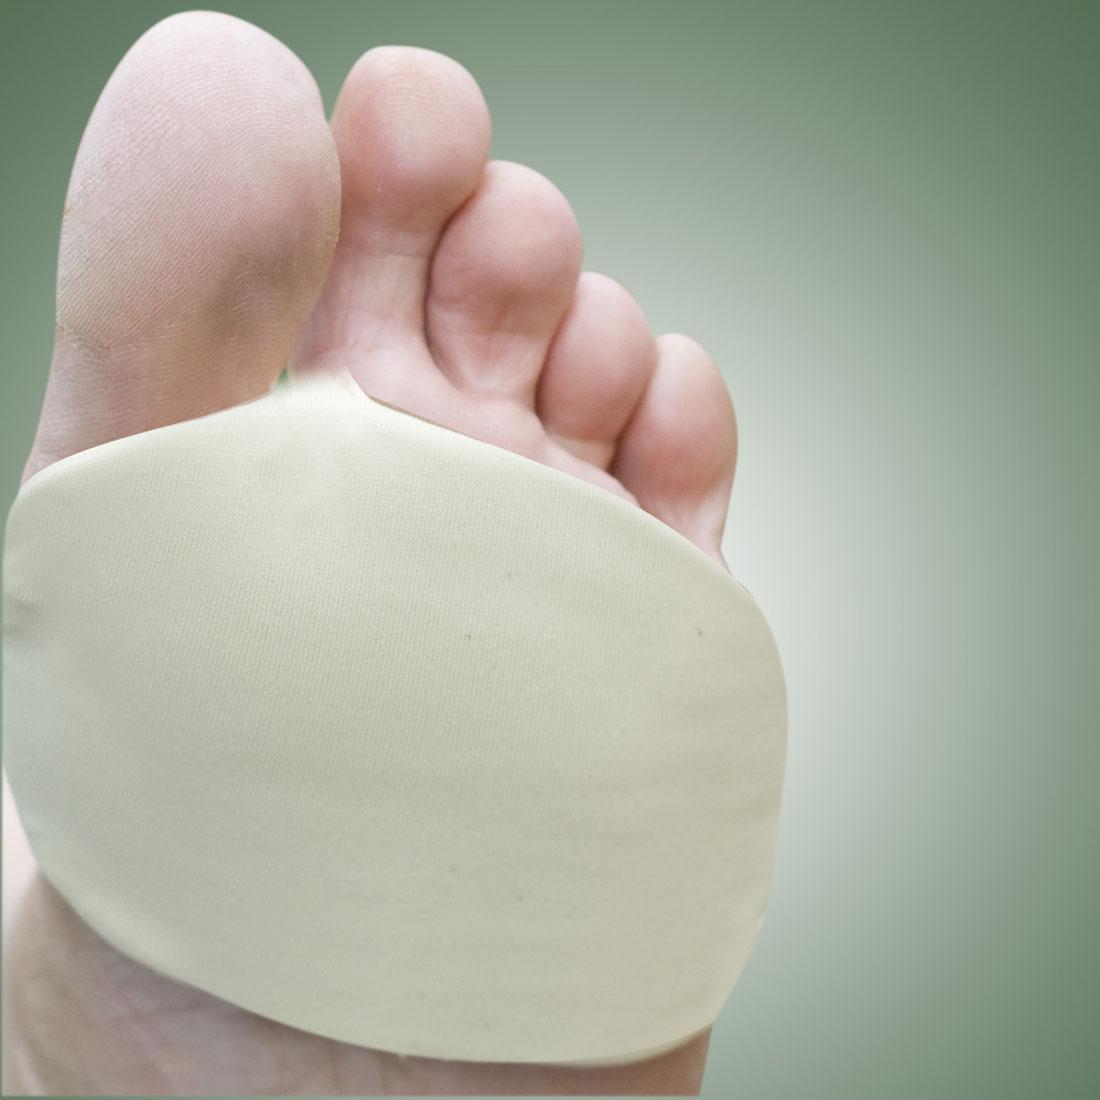 Бандаж эластичный с силиконовой вставкой для передней части стопы, 2 штуки [06737],